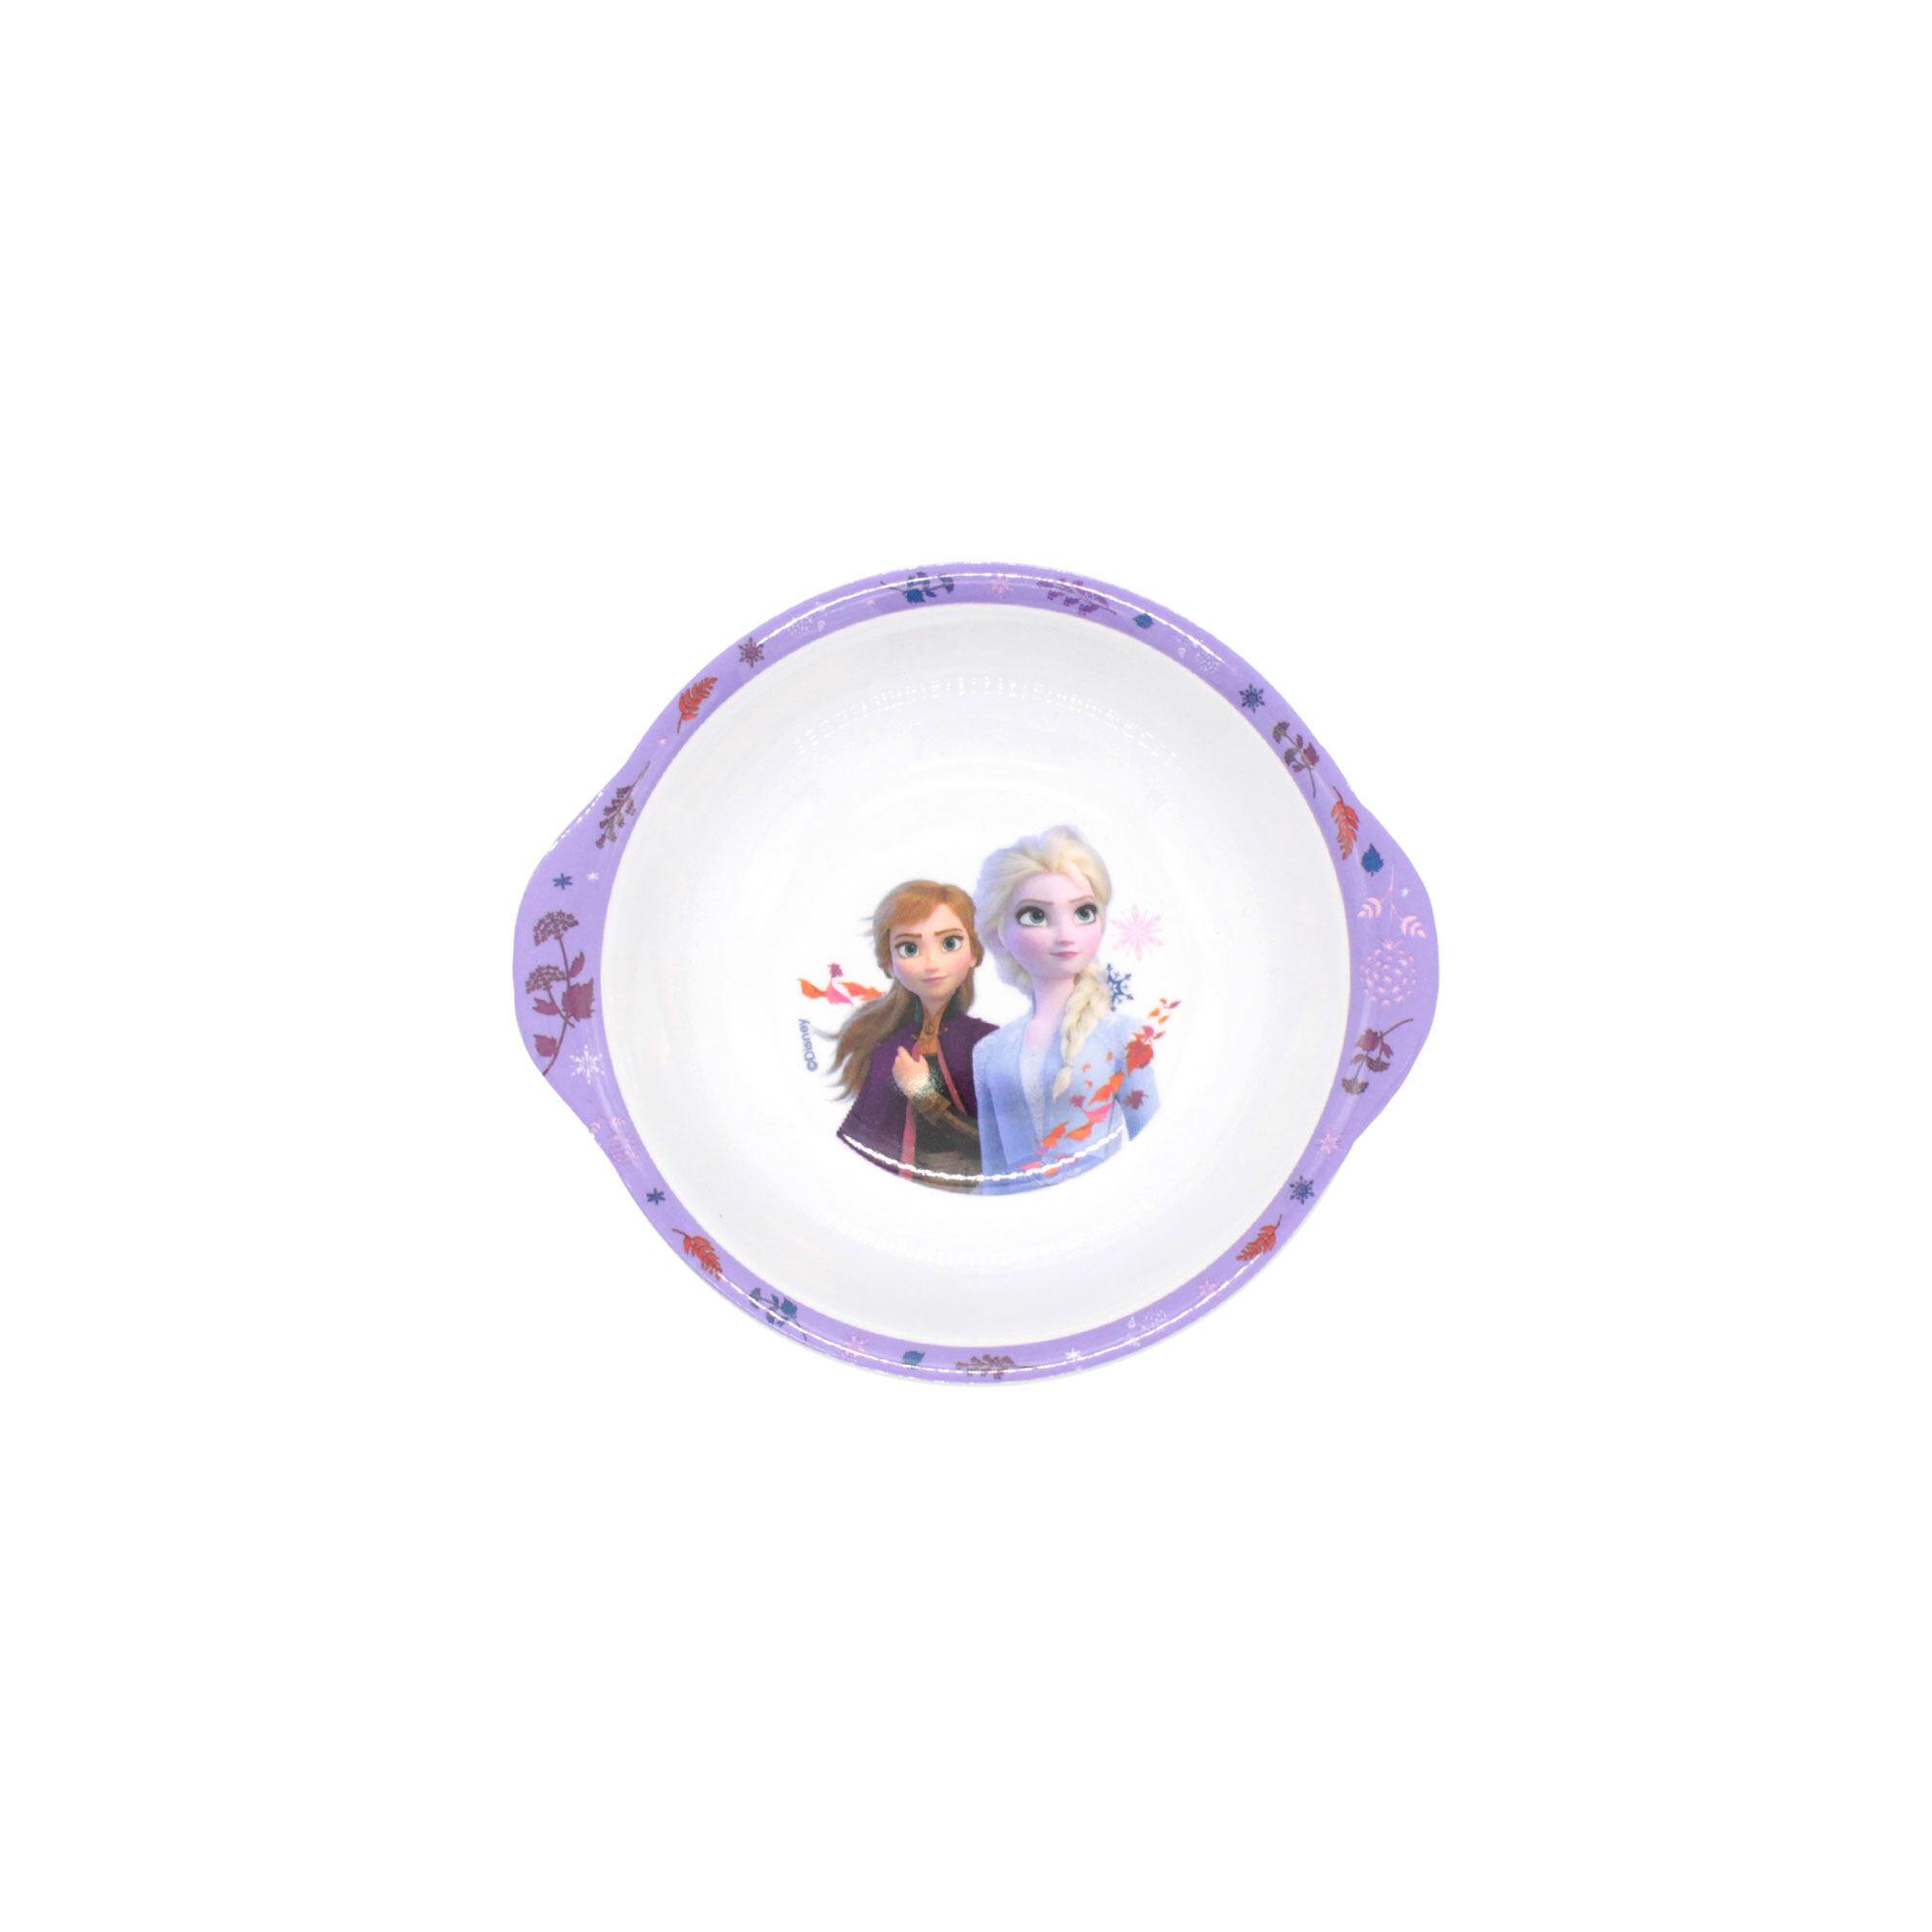 Disney Princess Frozen 2 : 6 Inches Handle Bowl - White Colour